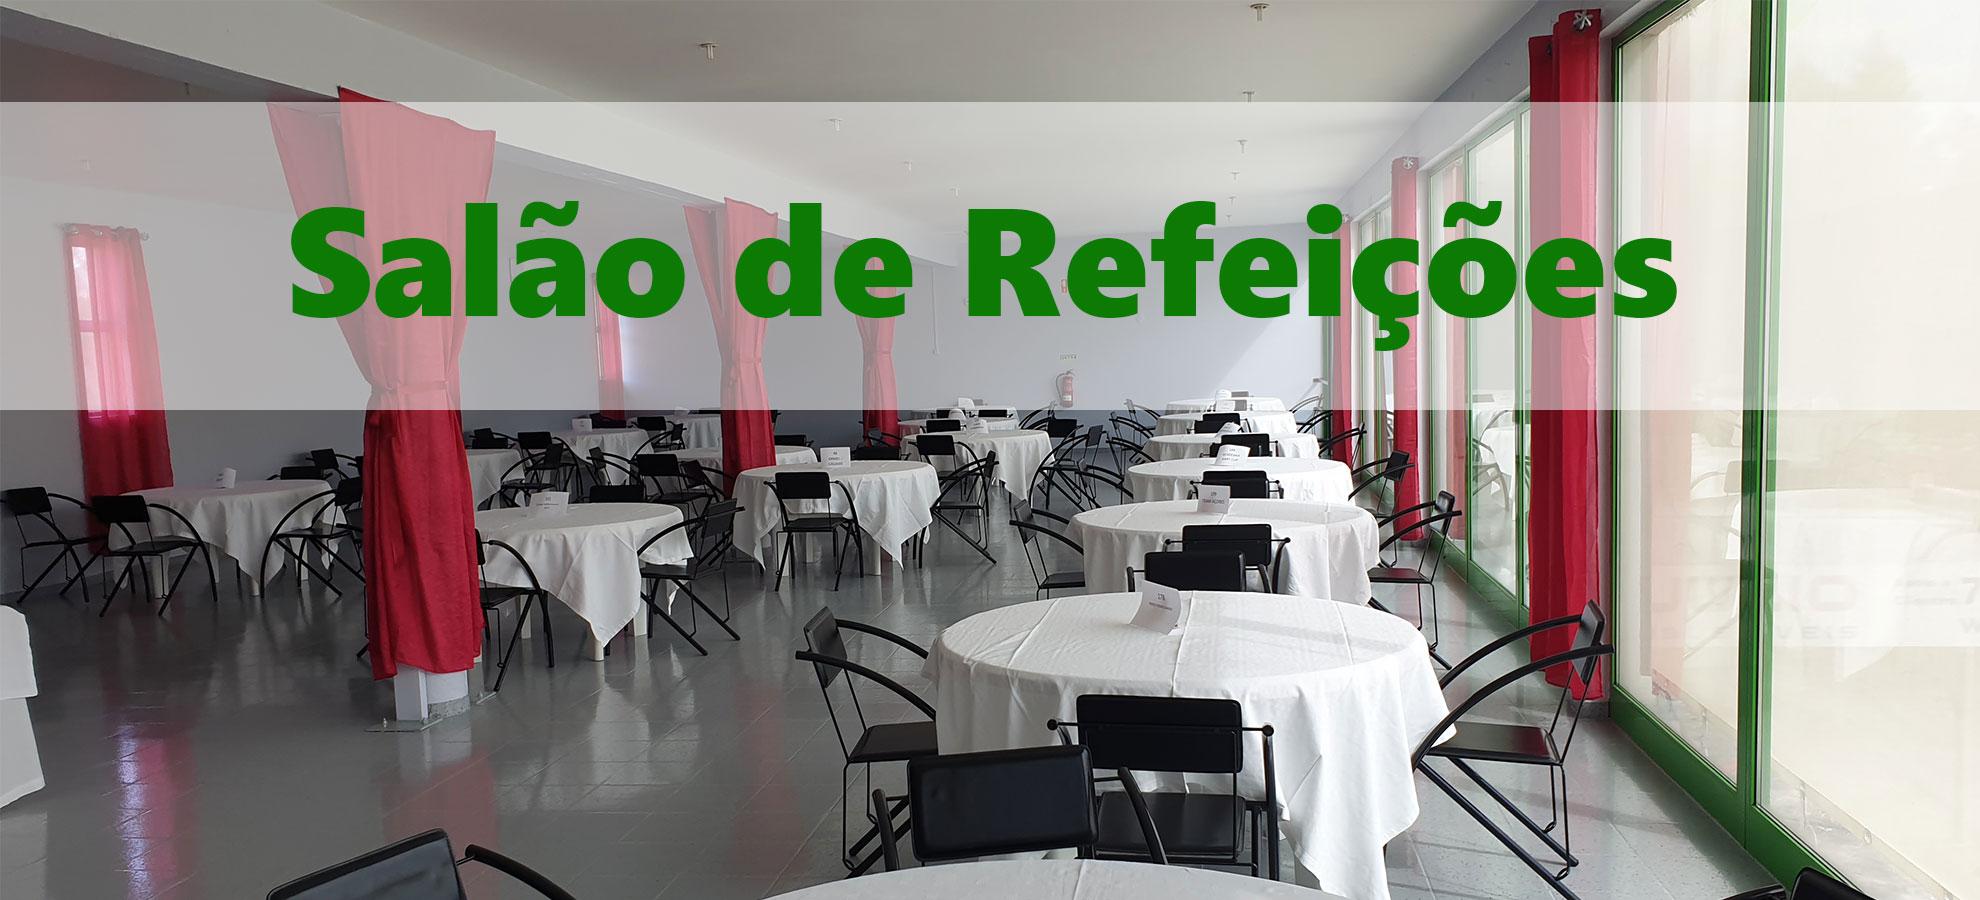 Salão de refeições Euroindy